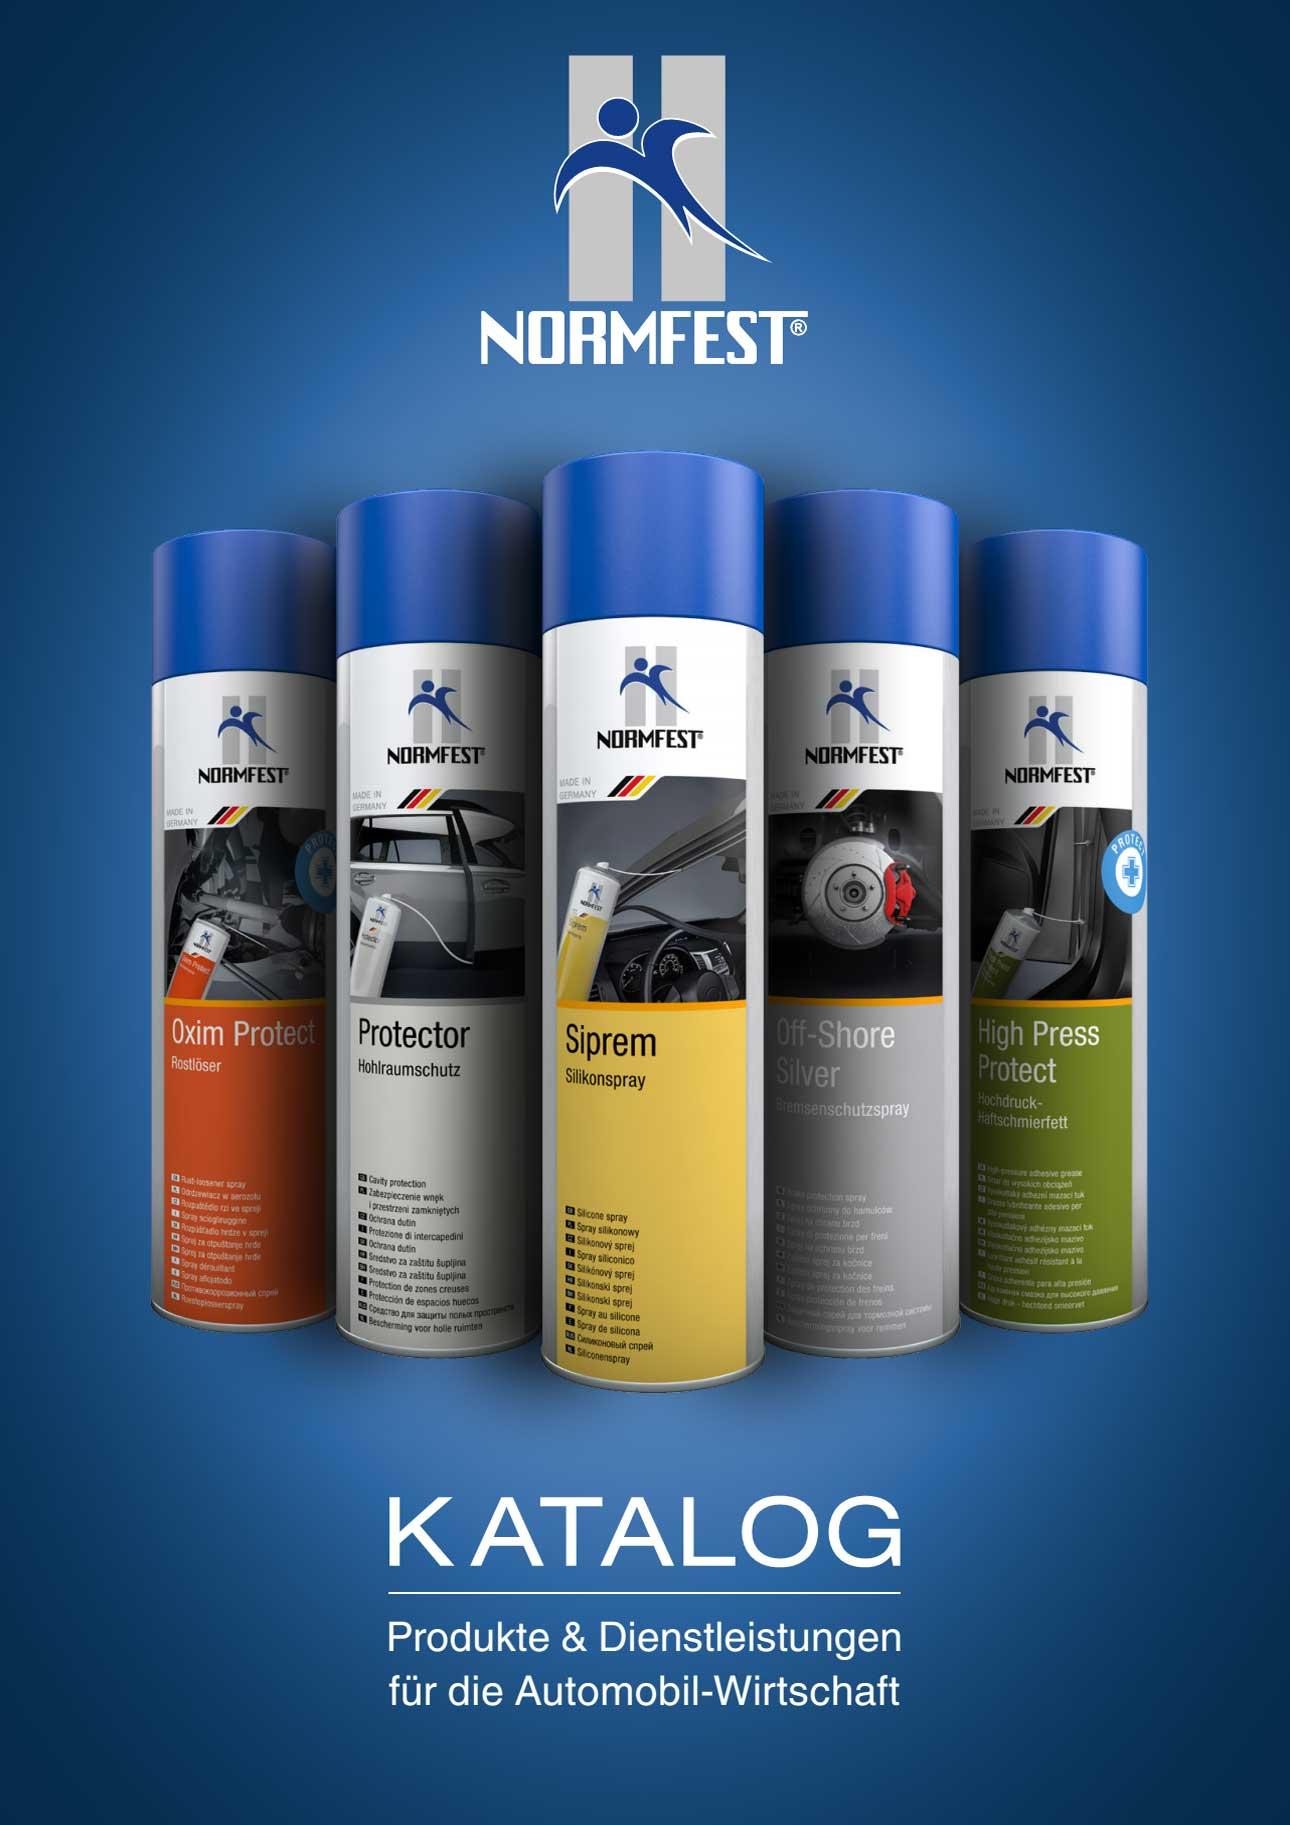 Normfest katalog